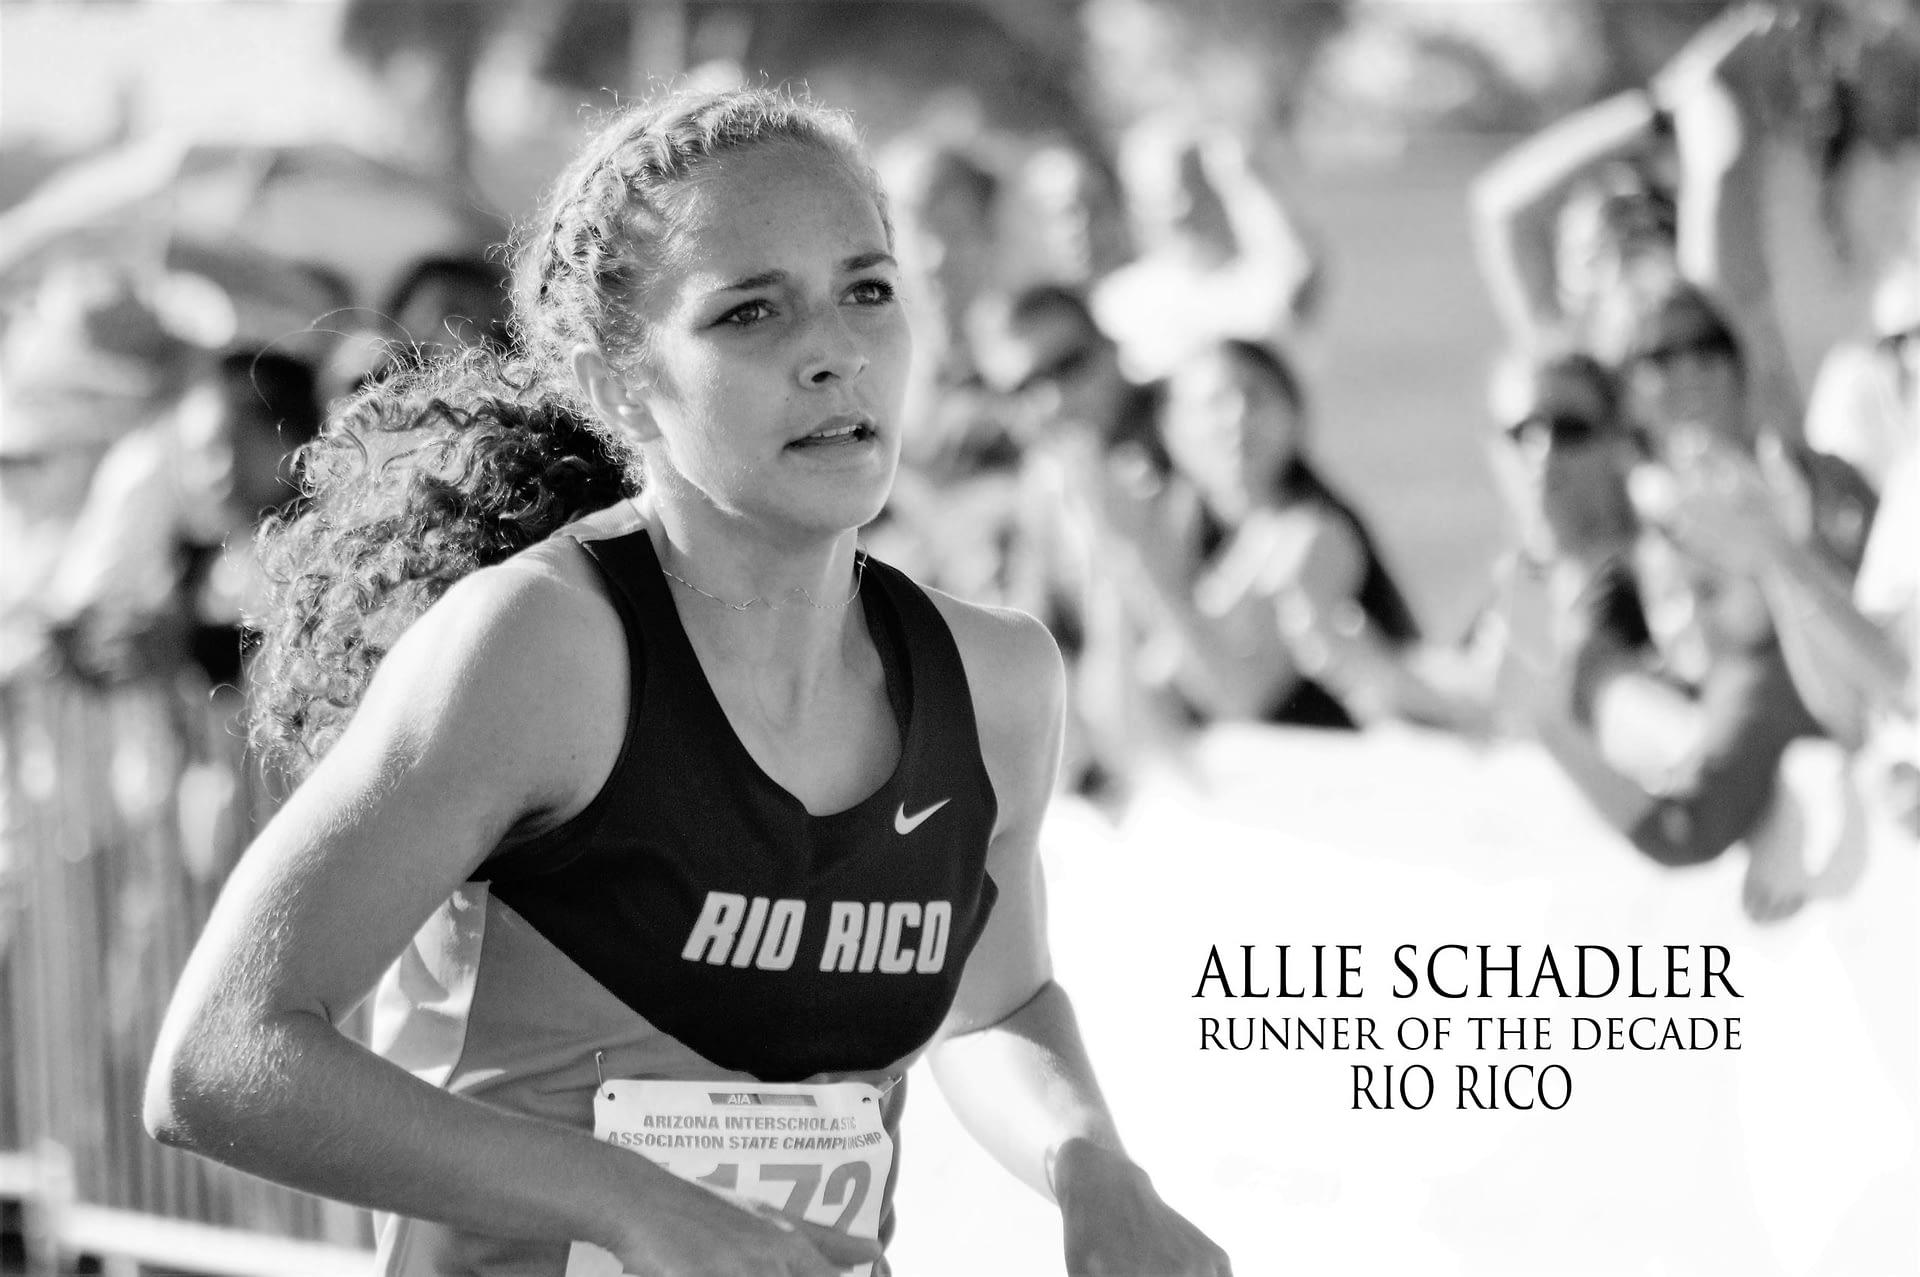 SCHADLER-Allie-decade